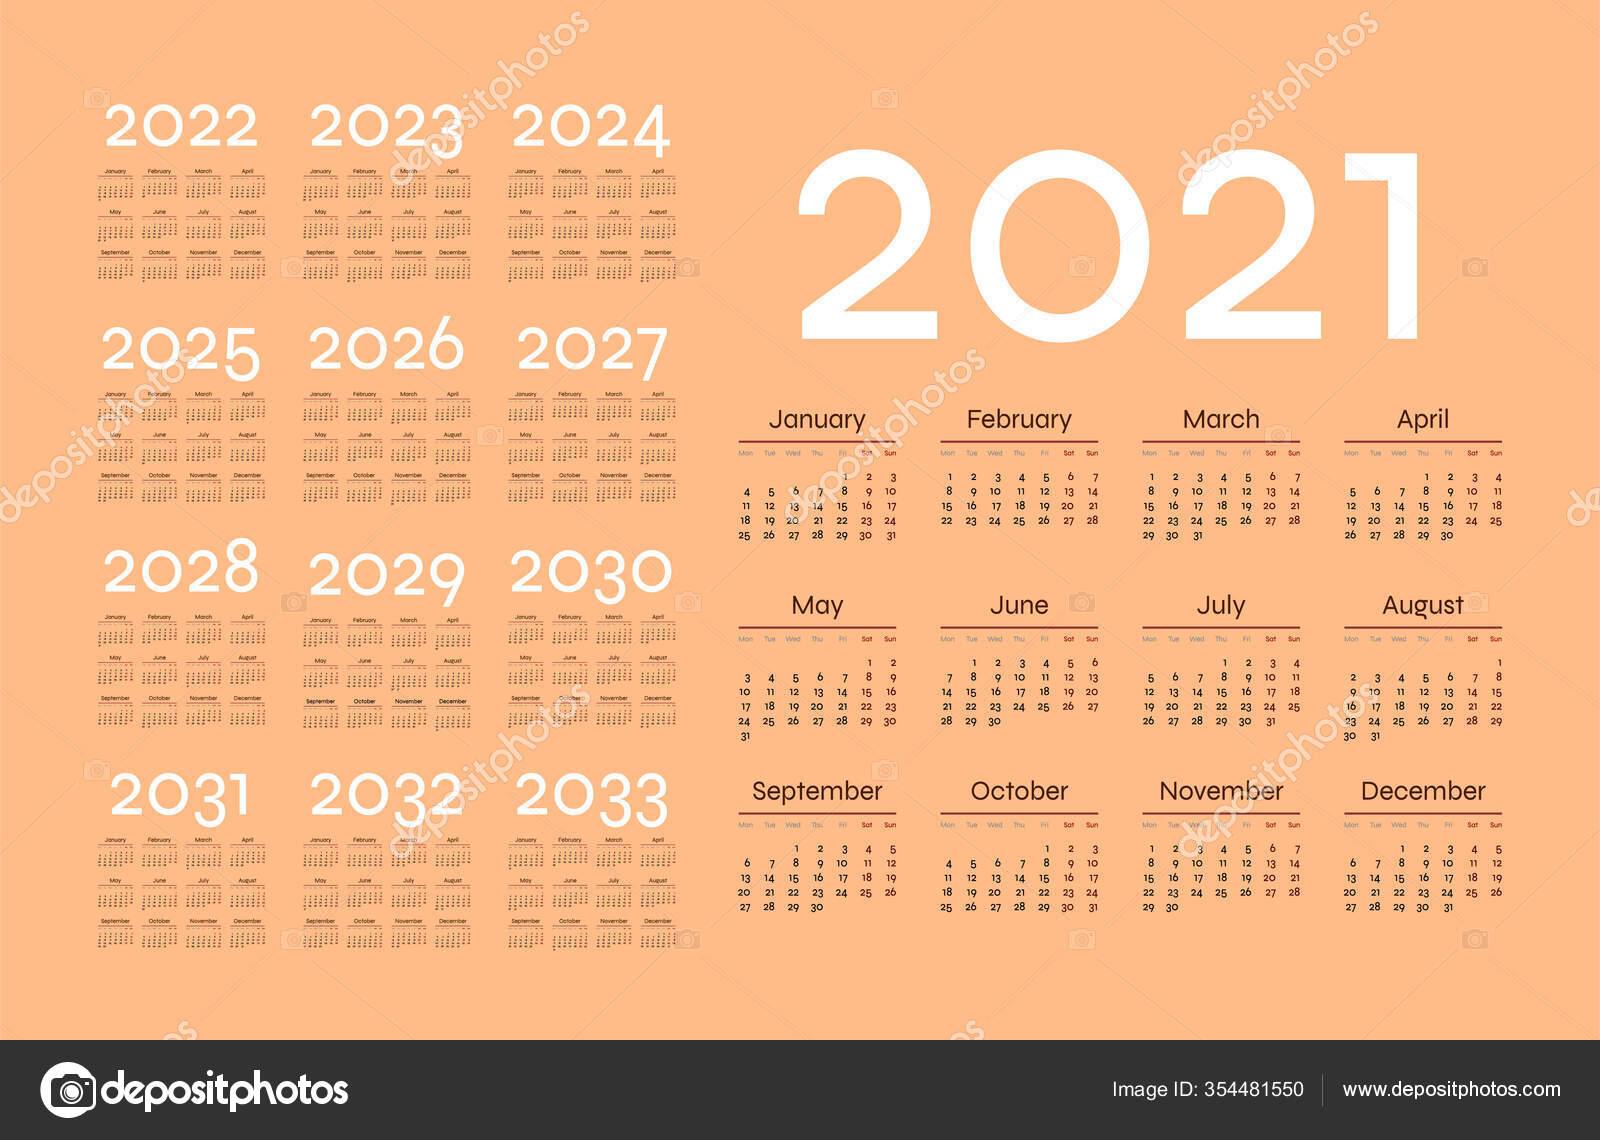 Calendario Simple 2021 Sobre Fondo Pastel Ilustración inside Calendario 2021 Con Semanas